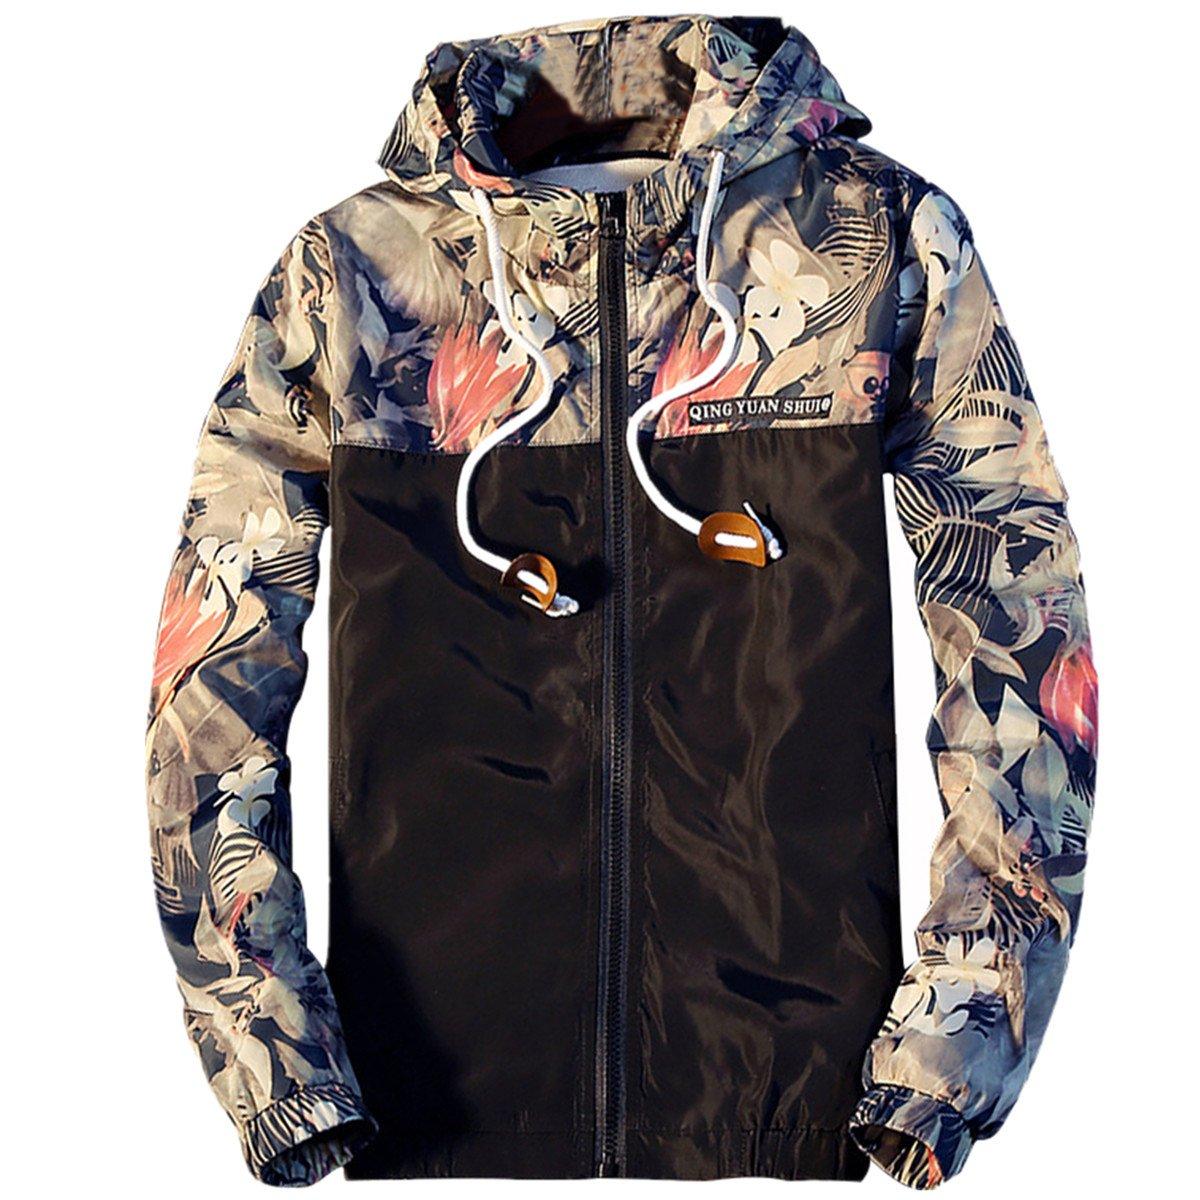 Amcupider Men's Contrast Zip Front-Zip Jacket Large Black